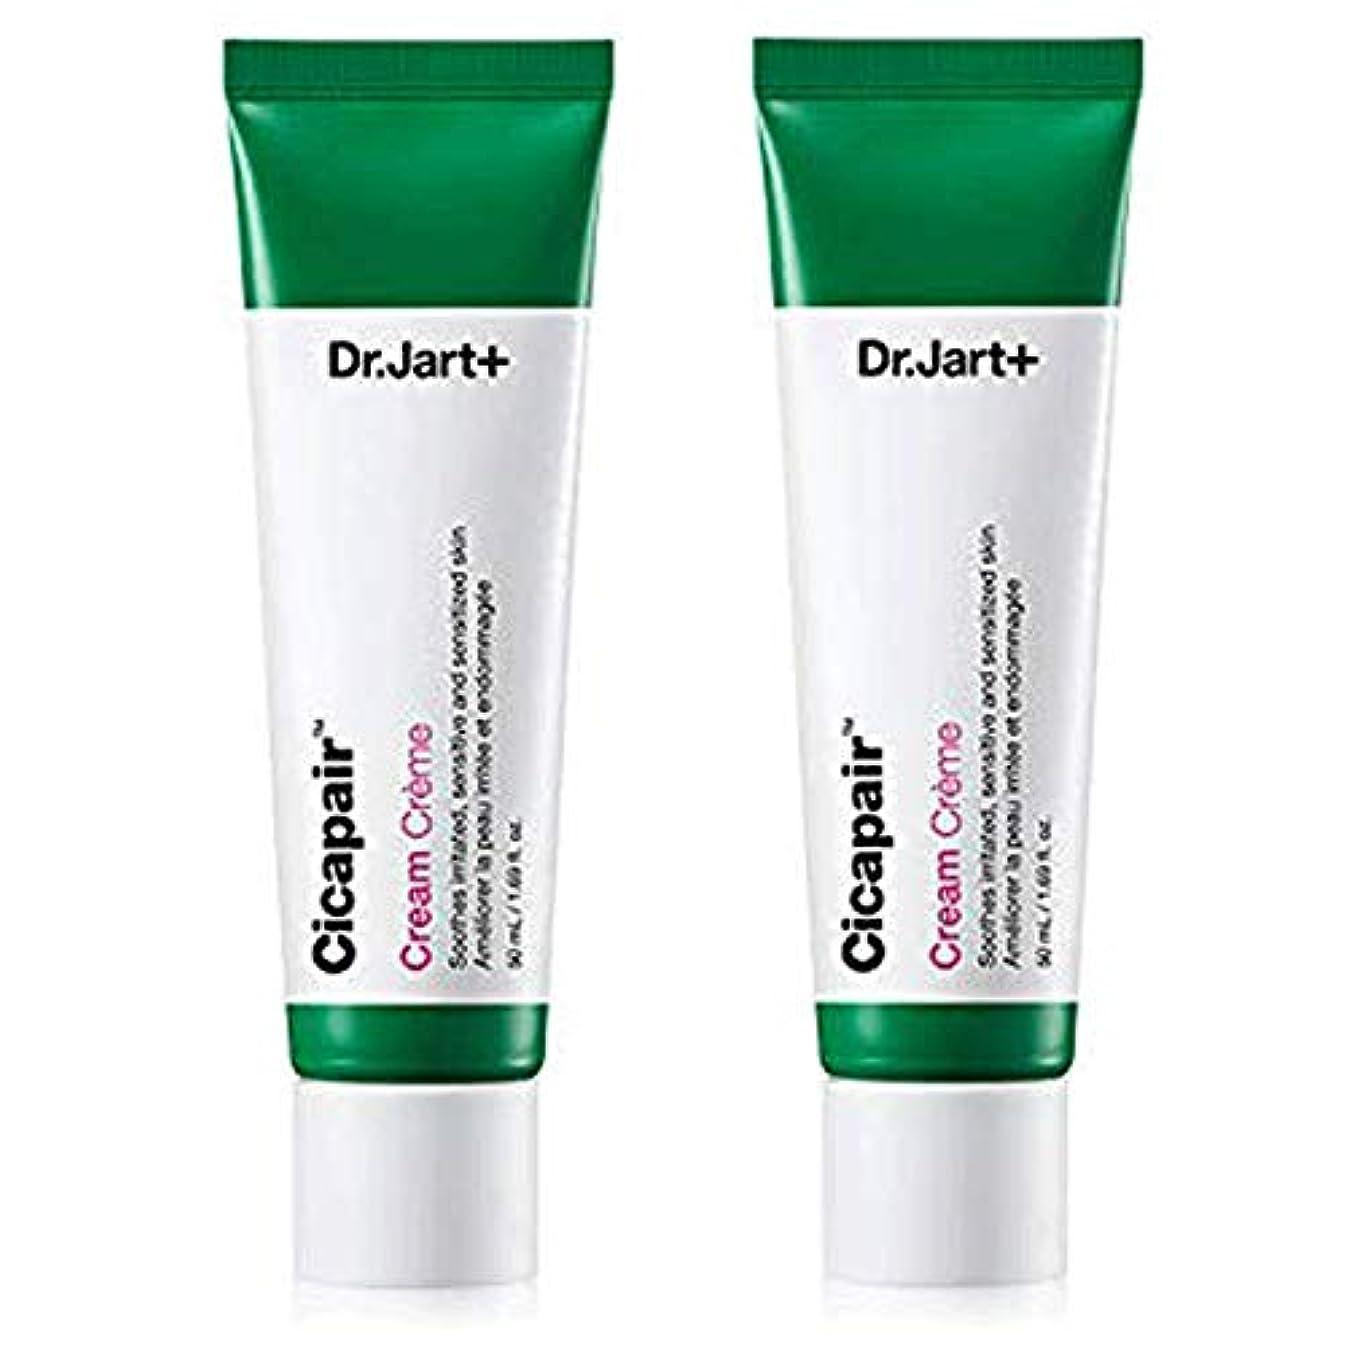 傭兵シャッター添加剤Dr.Jart+ Cicapair Cream 50ml x 2 ドクタージャルト シカ ペア クリーム 50ml x 2(2代目) [並行輸入品]